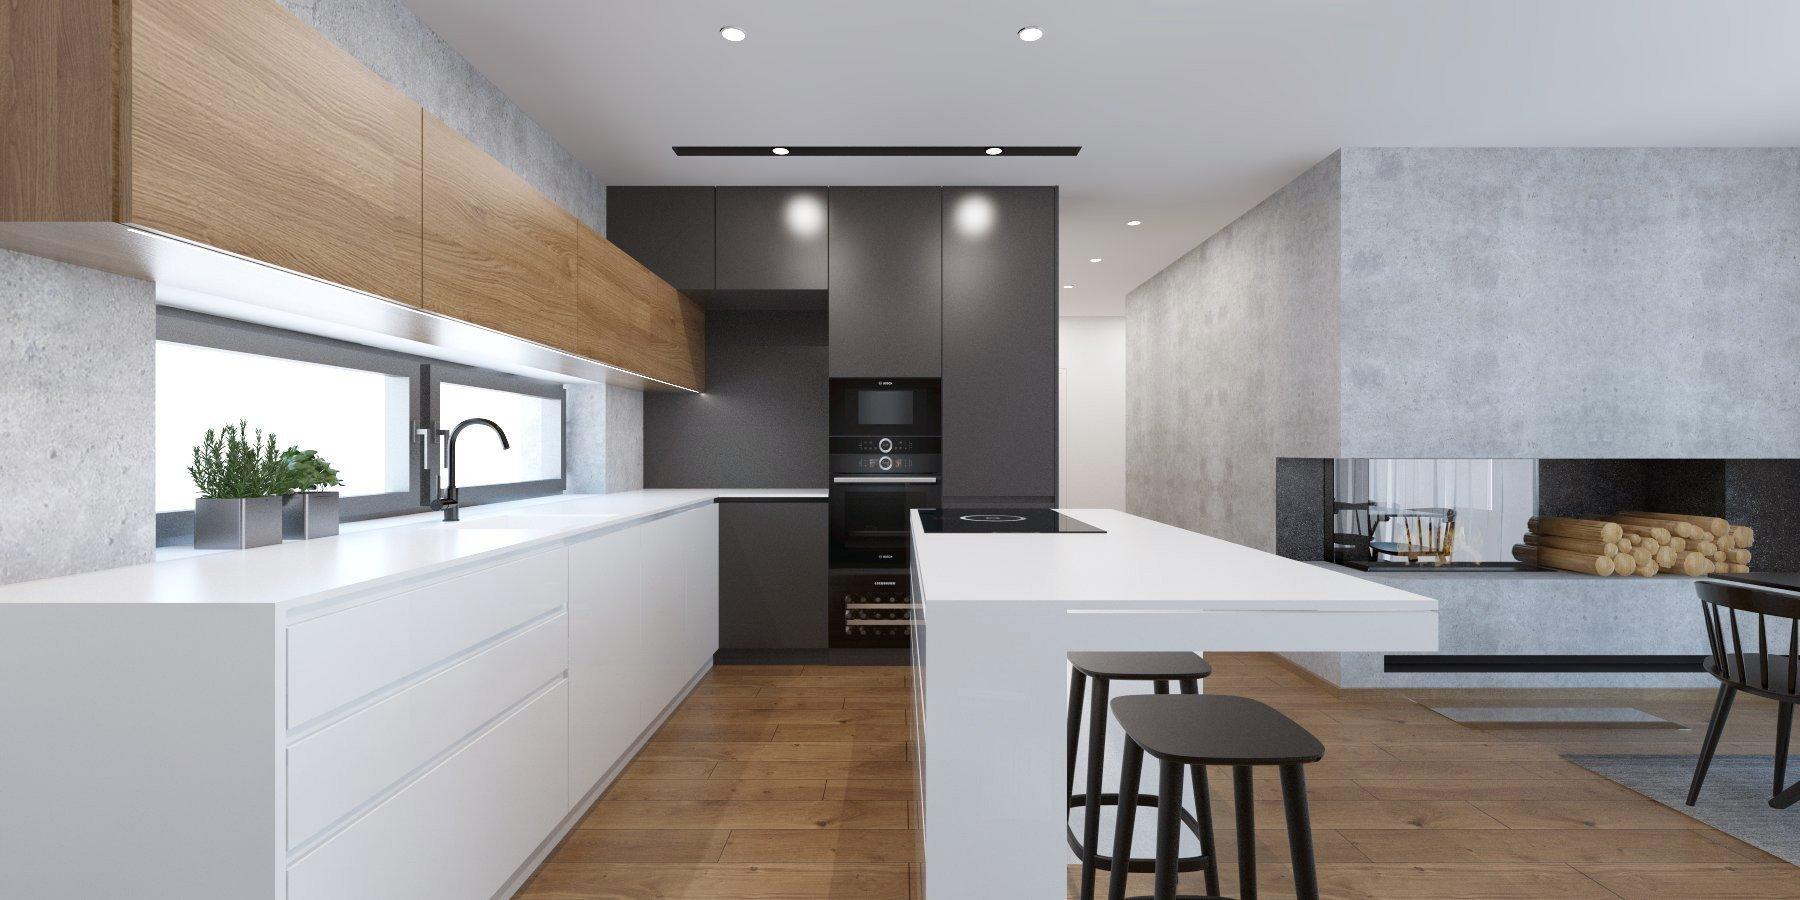 Vkusnosť, elegancia a nadčasovosť charakterizujú interiér, ktorý sme vytvorili na mieru pre našich klientov.